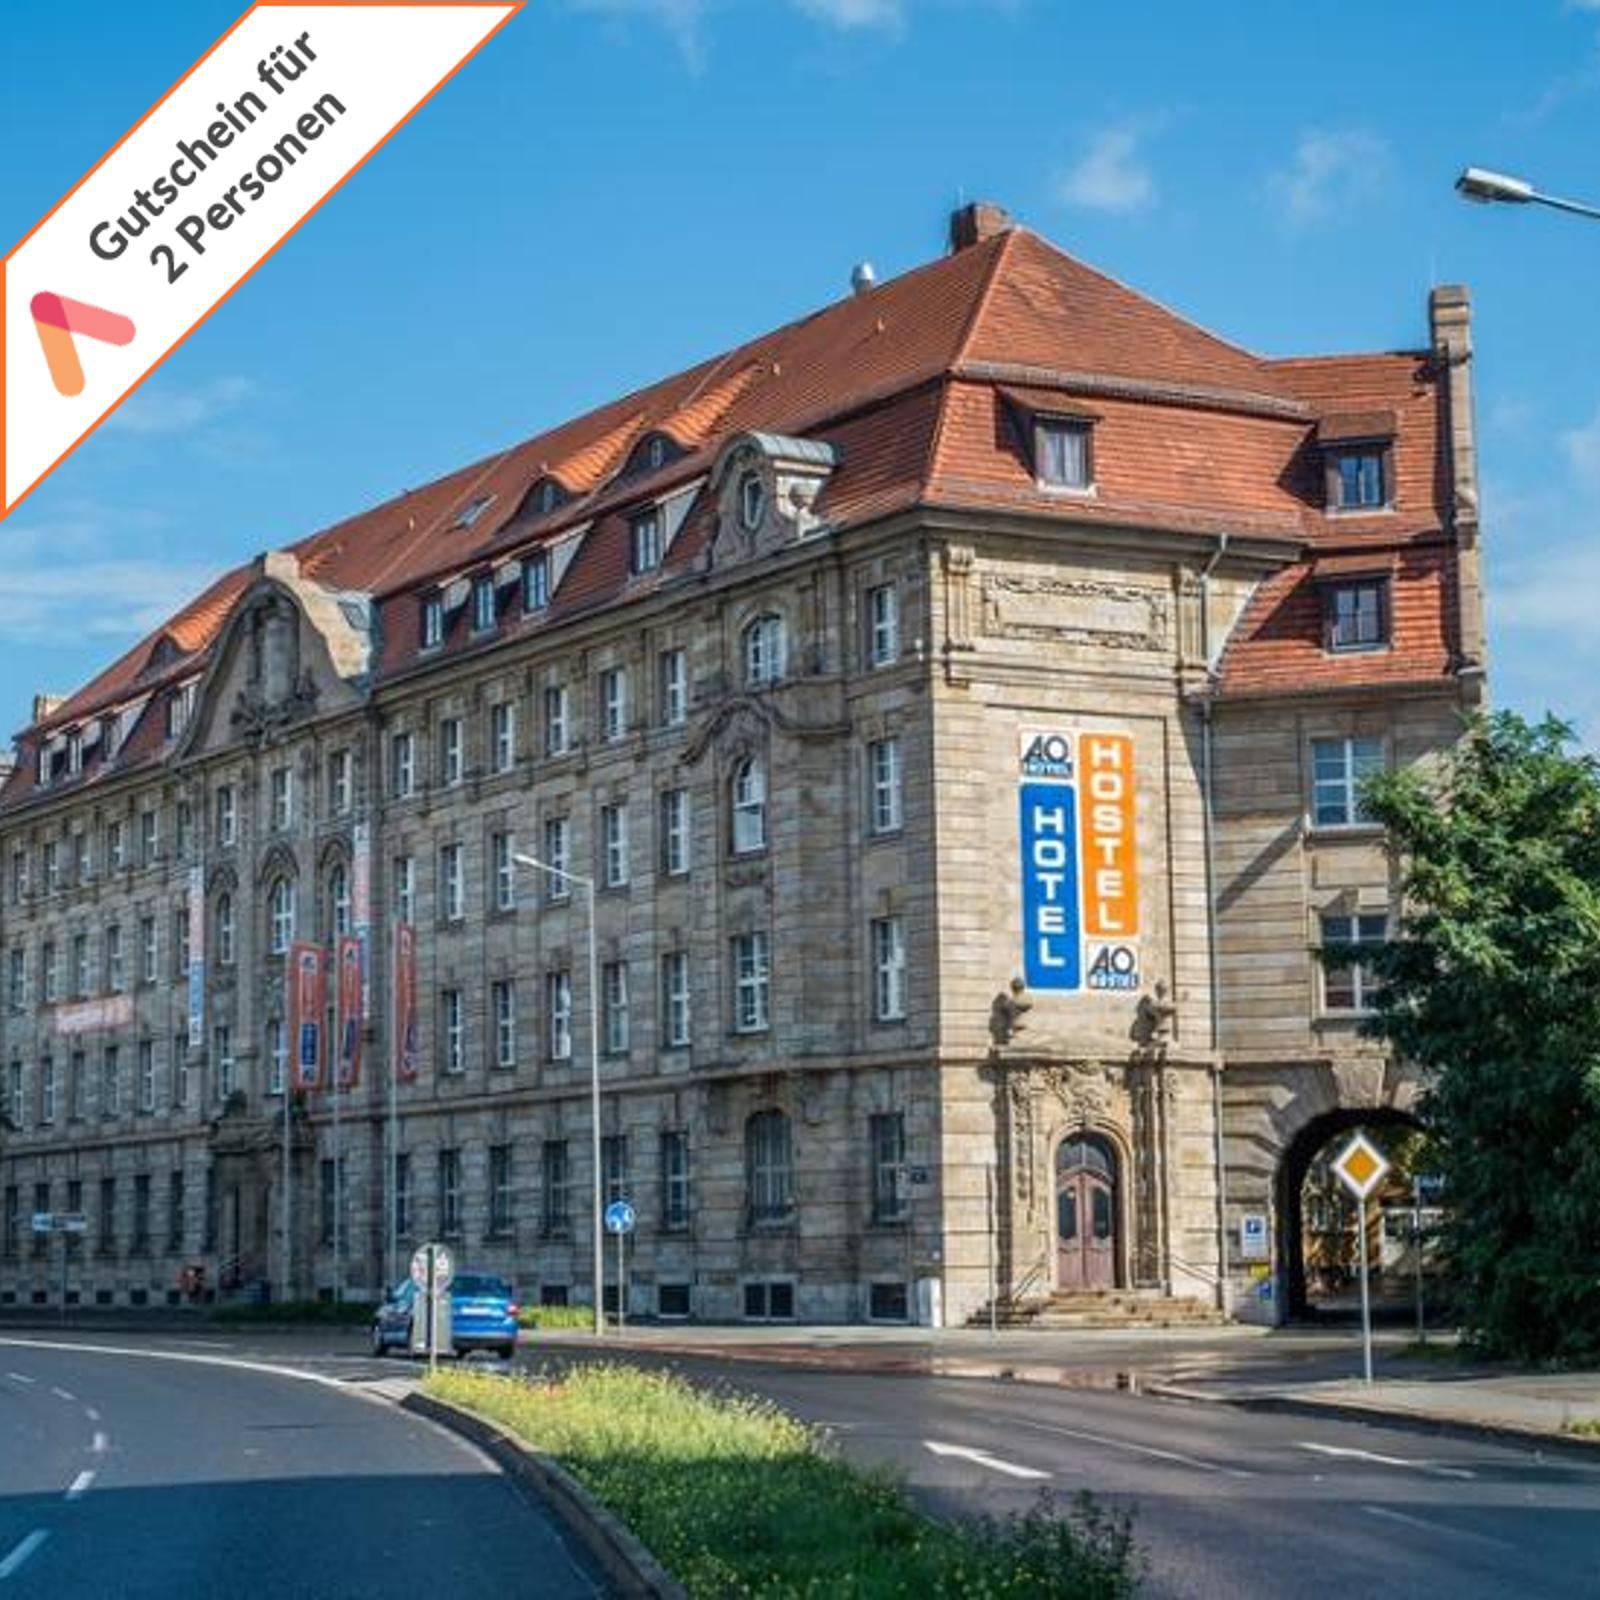 Kurzreise-Leipzig-nahe-Hauptbahnhof-2-bis-4-Tage-2-Personen-A-amp-O-Hotel-Gutschein